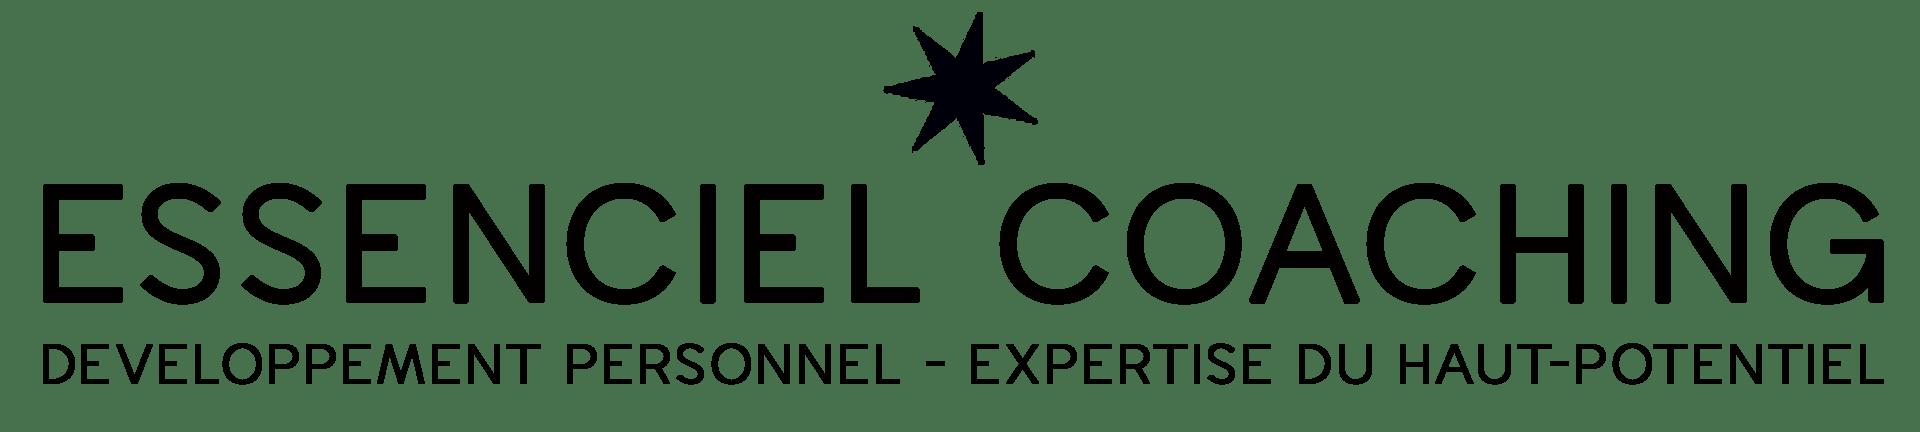 Essenciel Coaching – Nancy – Coaching, Thérapie, Développement Personnel